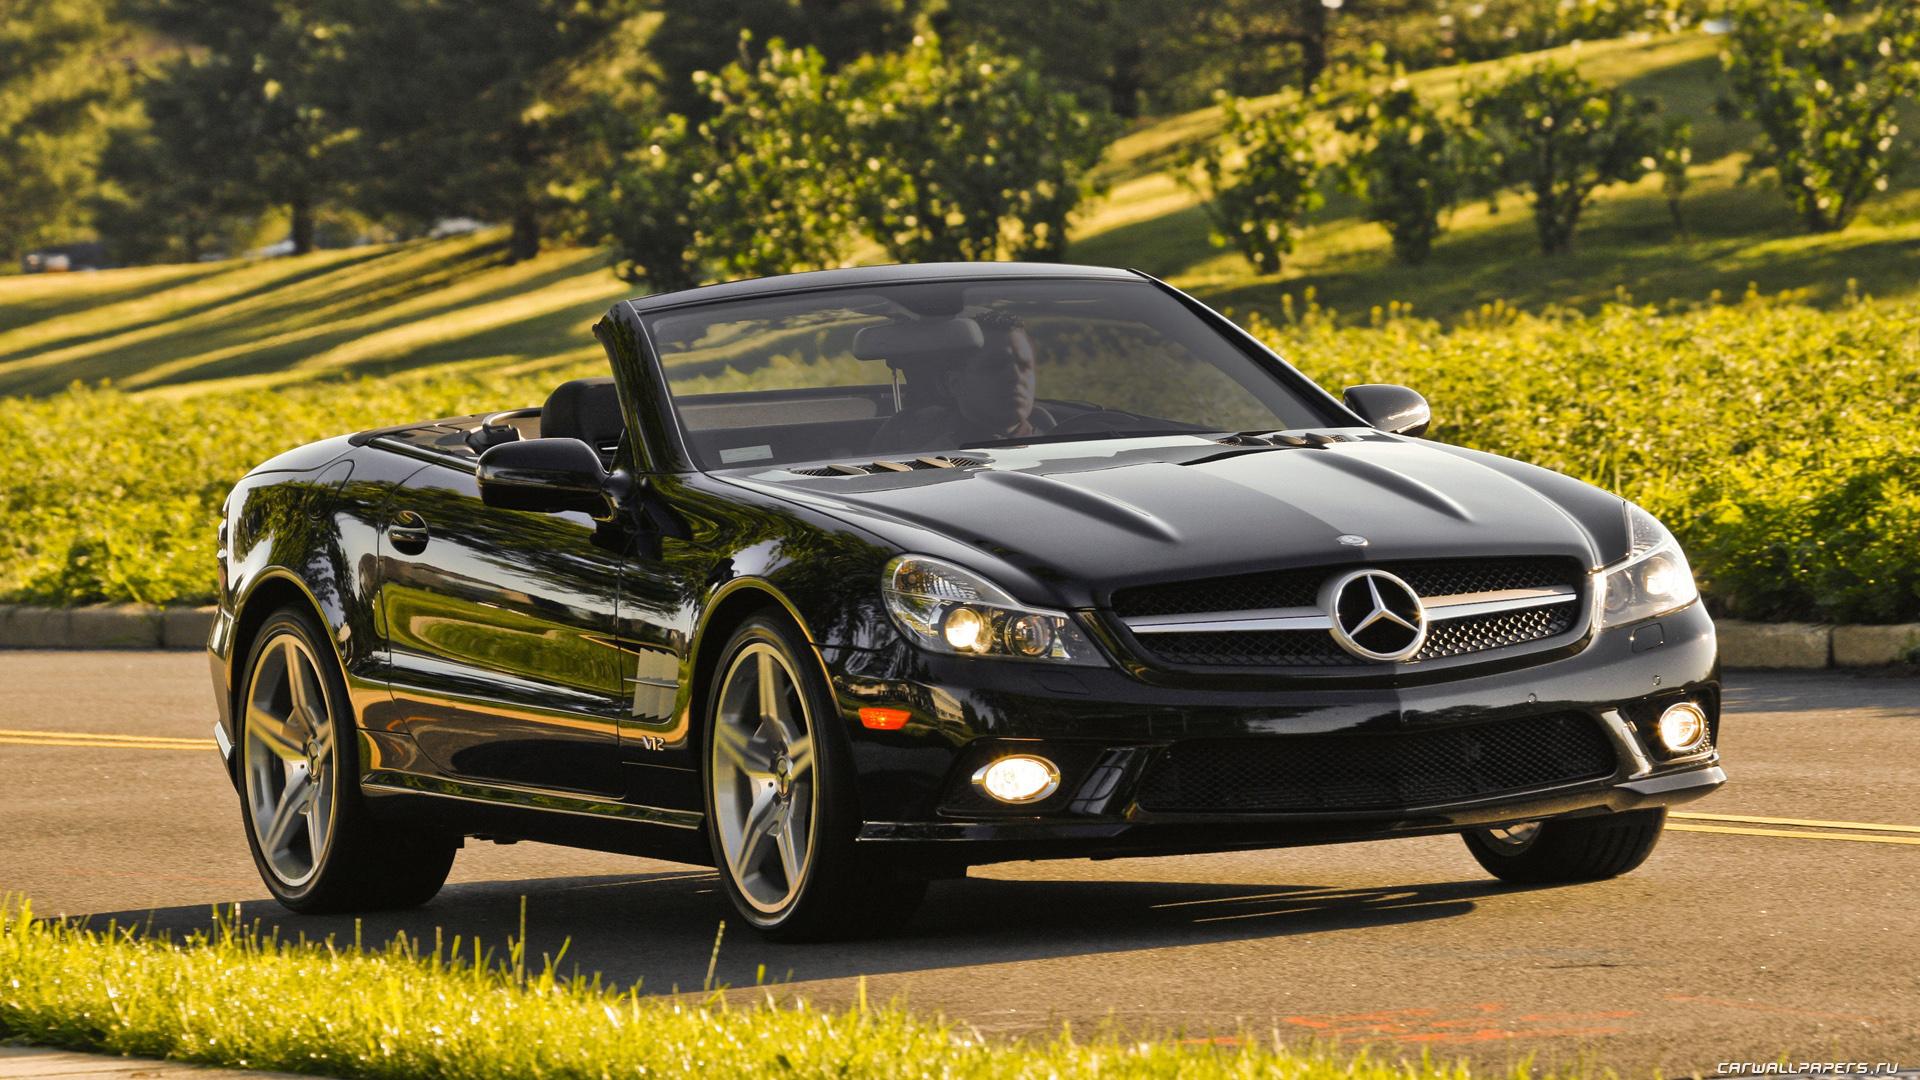 Mercedes Benz Usa 95 Car Hd Wallpaper